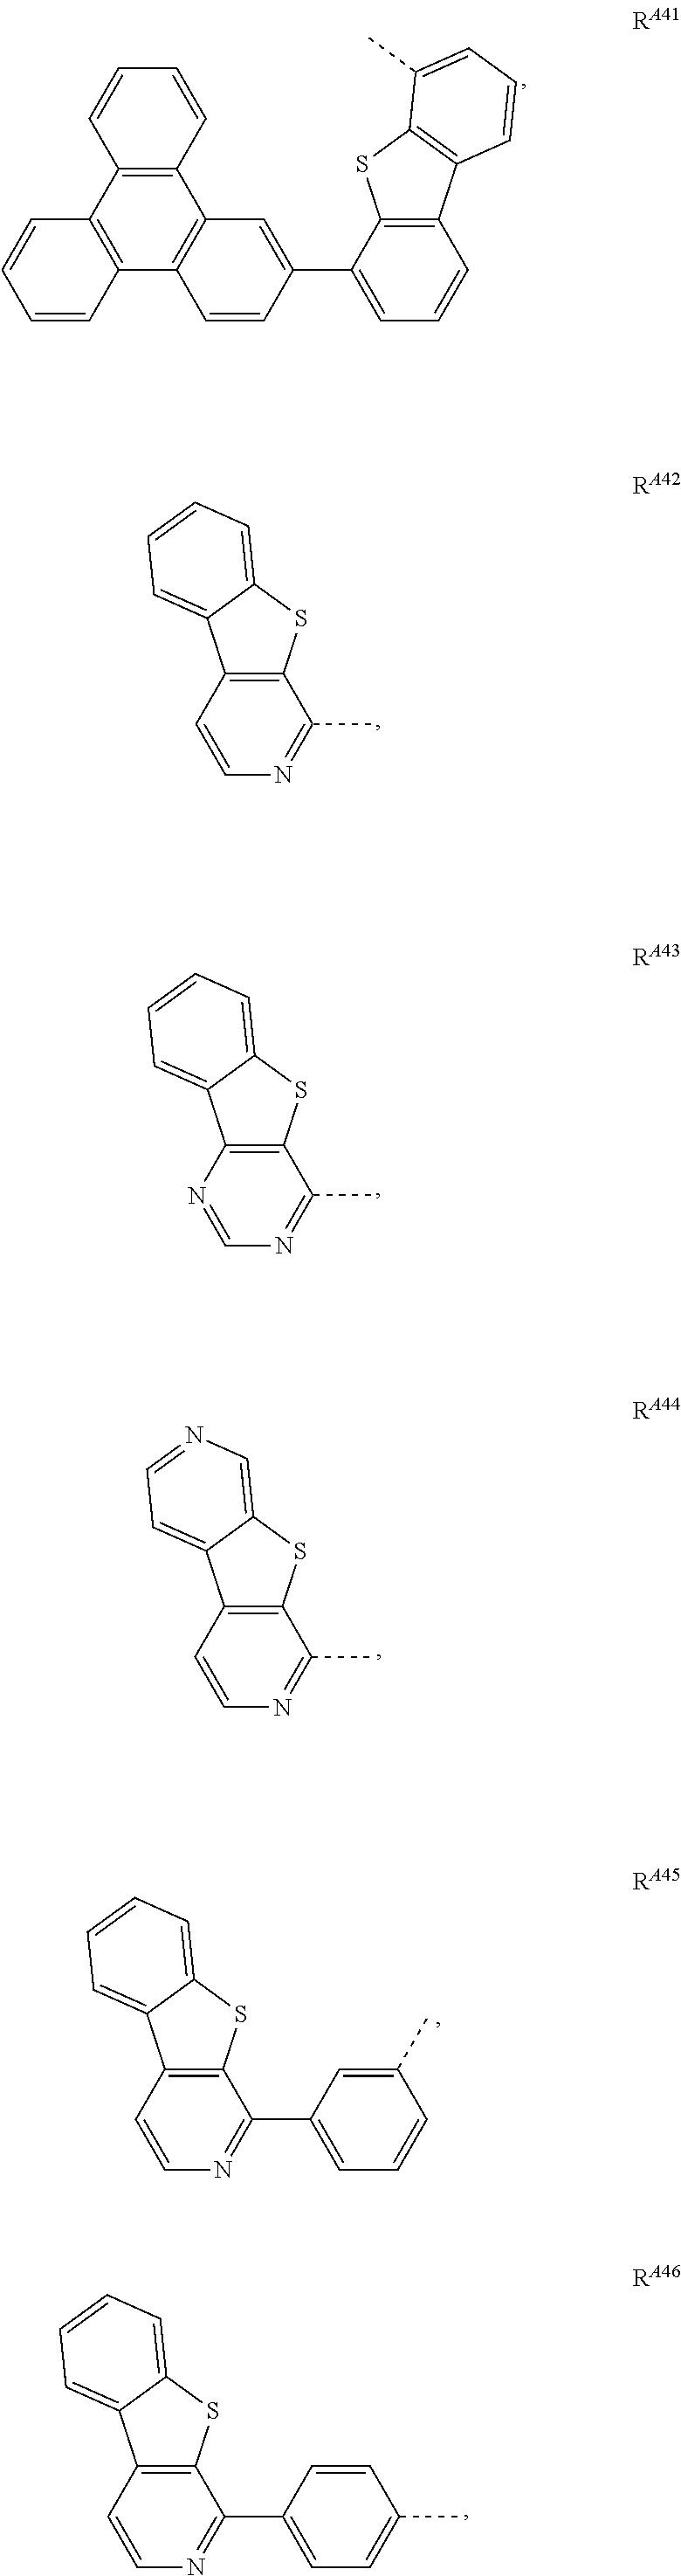 Figure US09761814-20170912-C00230